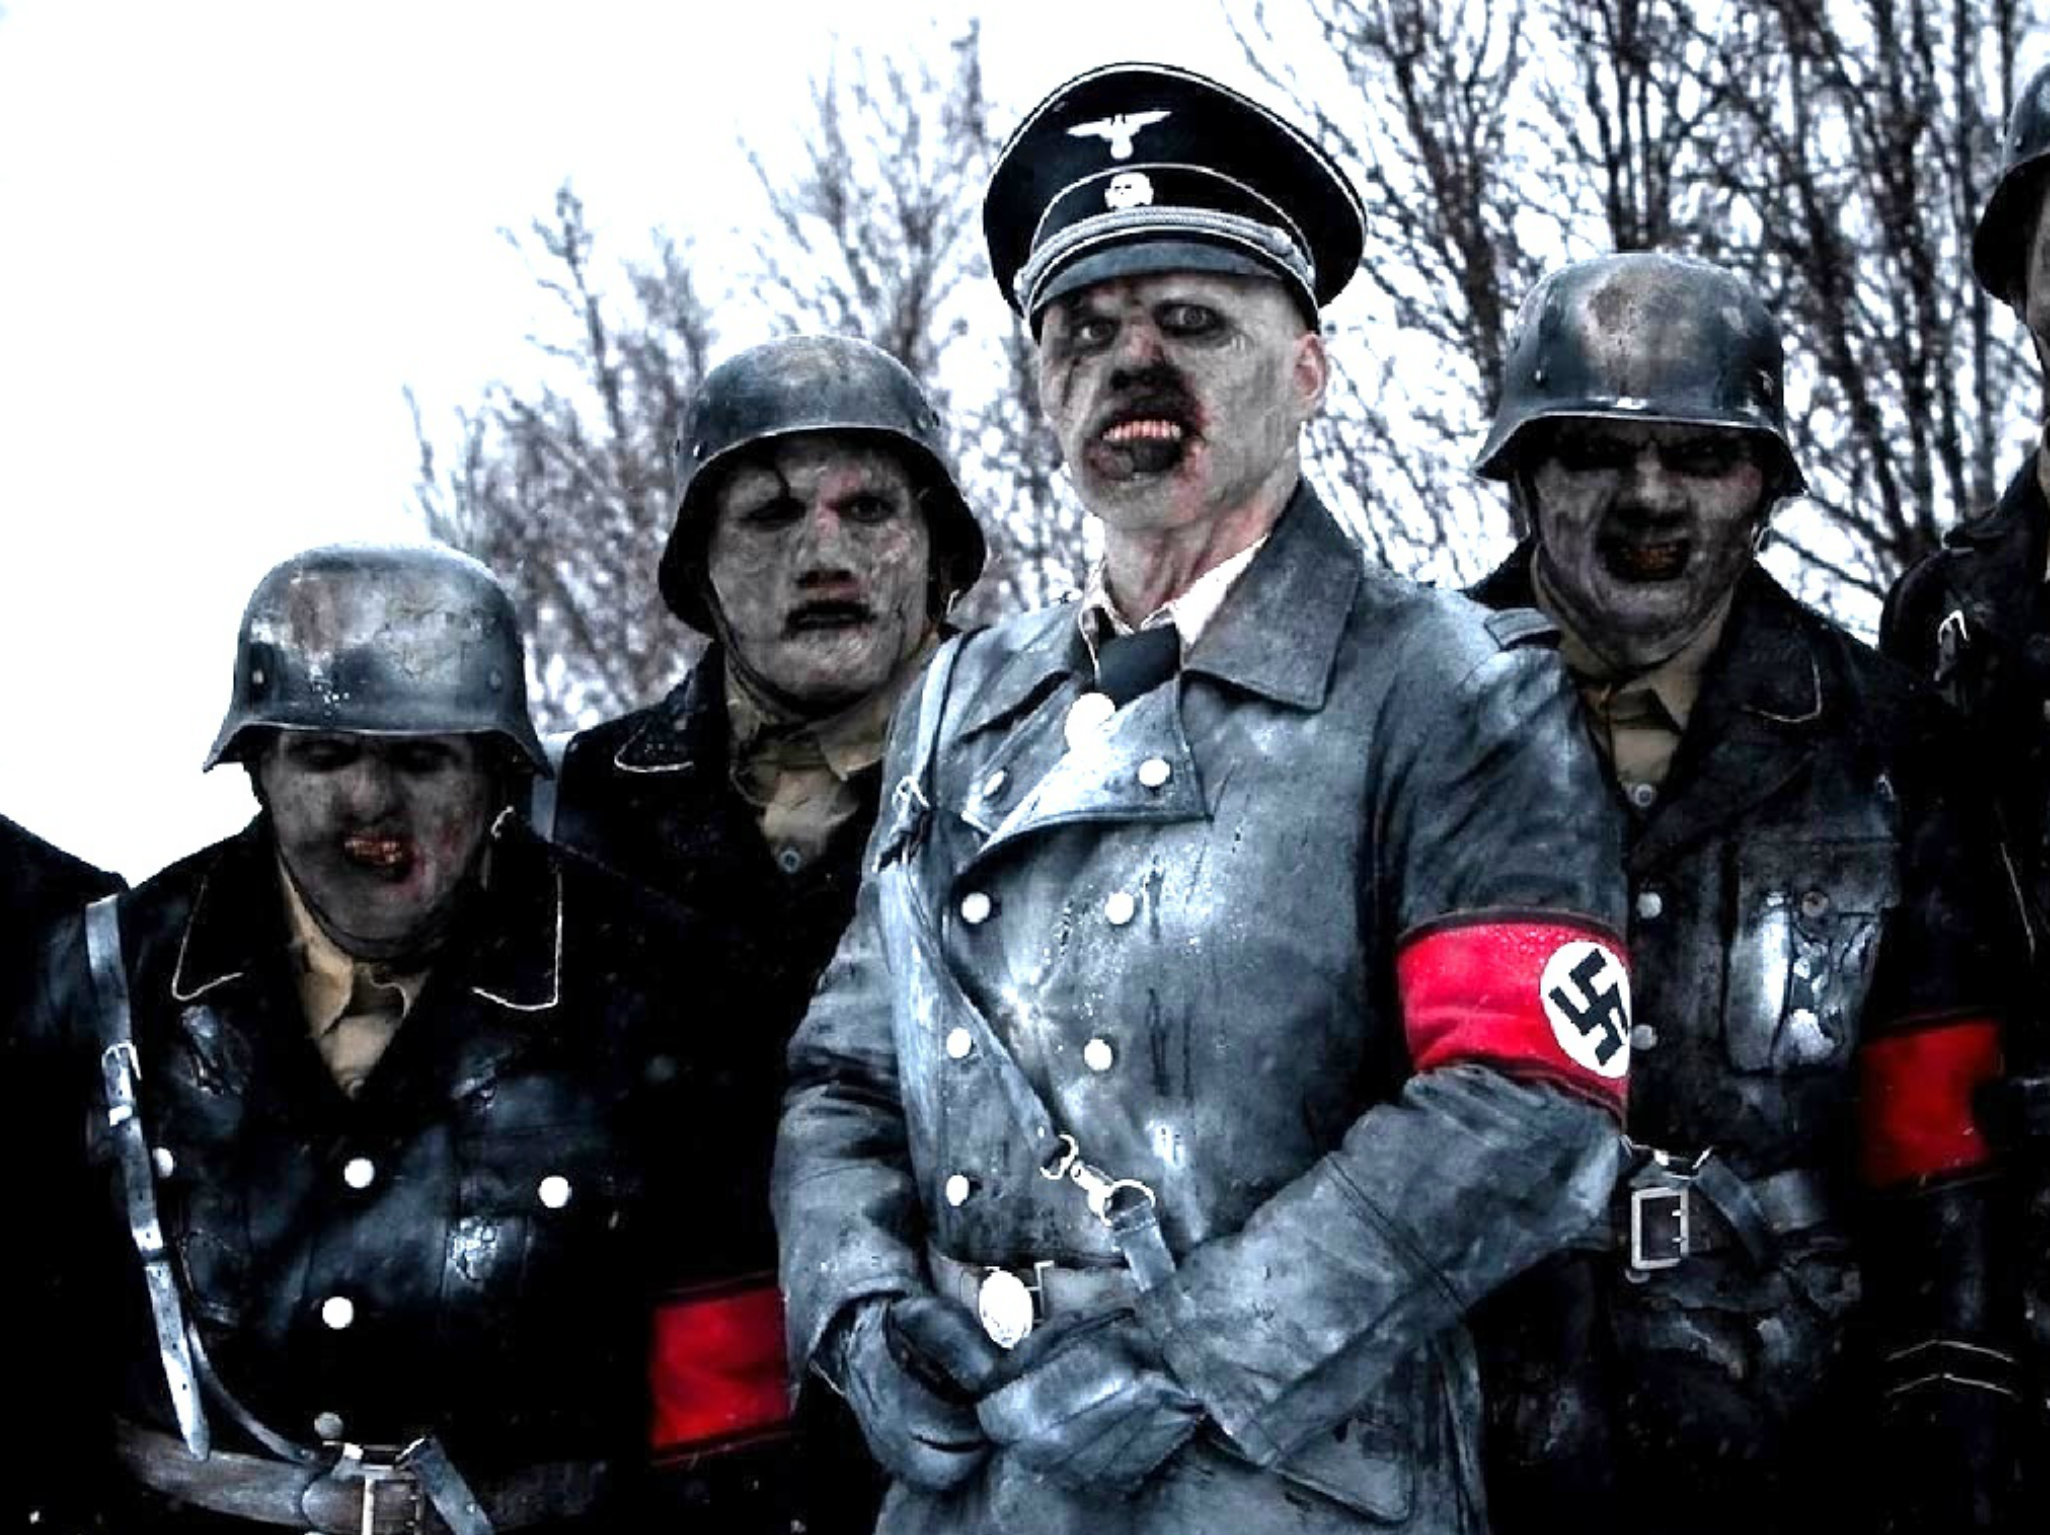 Zombies nazis